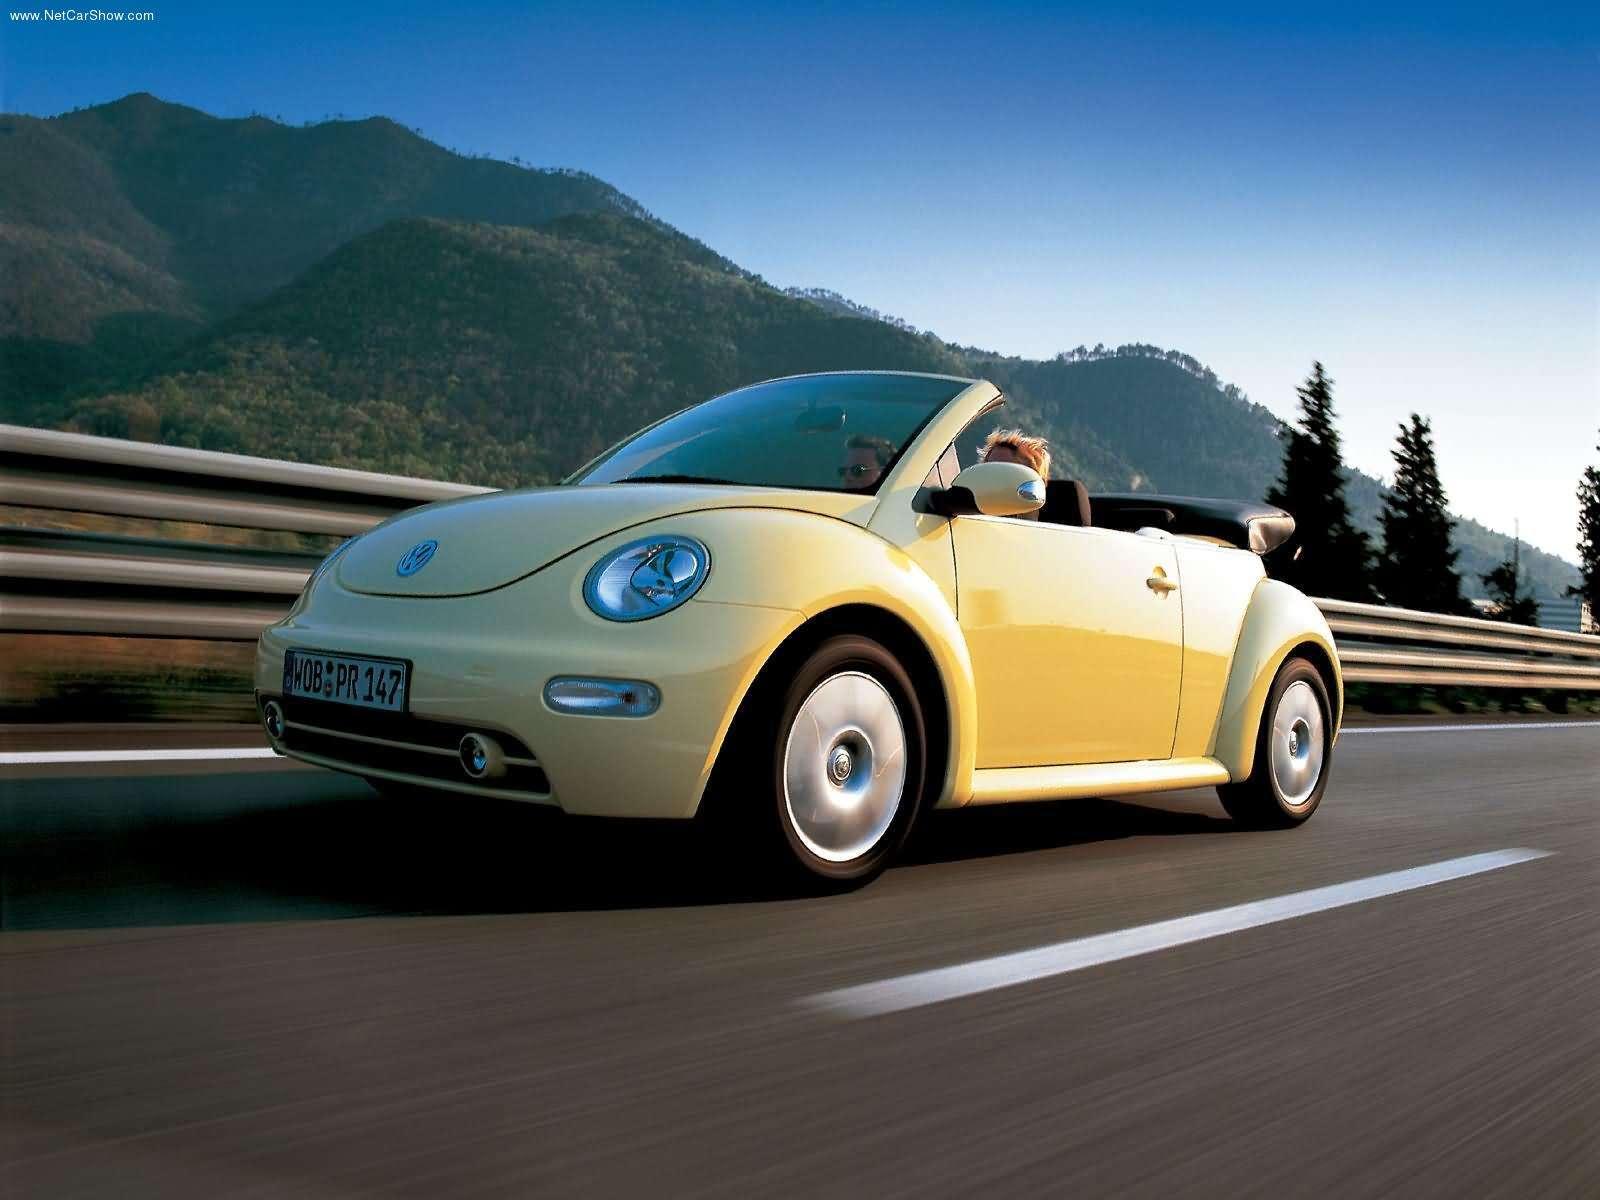 new volkswagen beetle Wallpapers HD